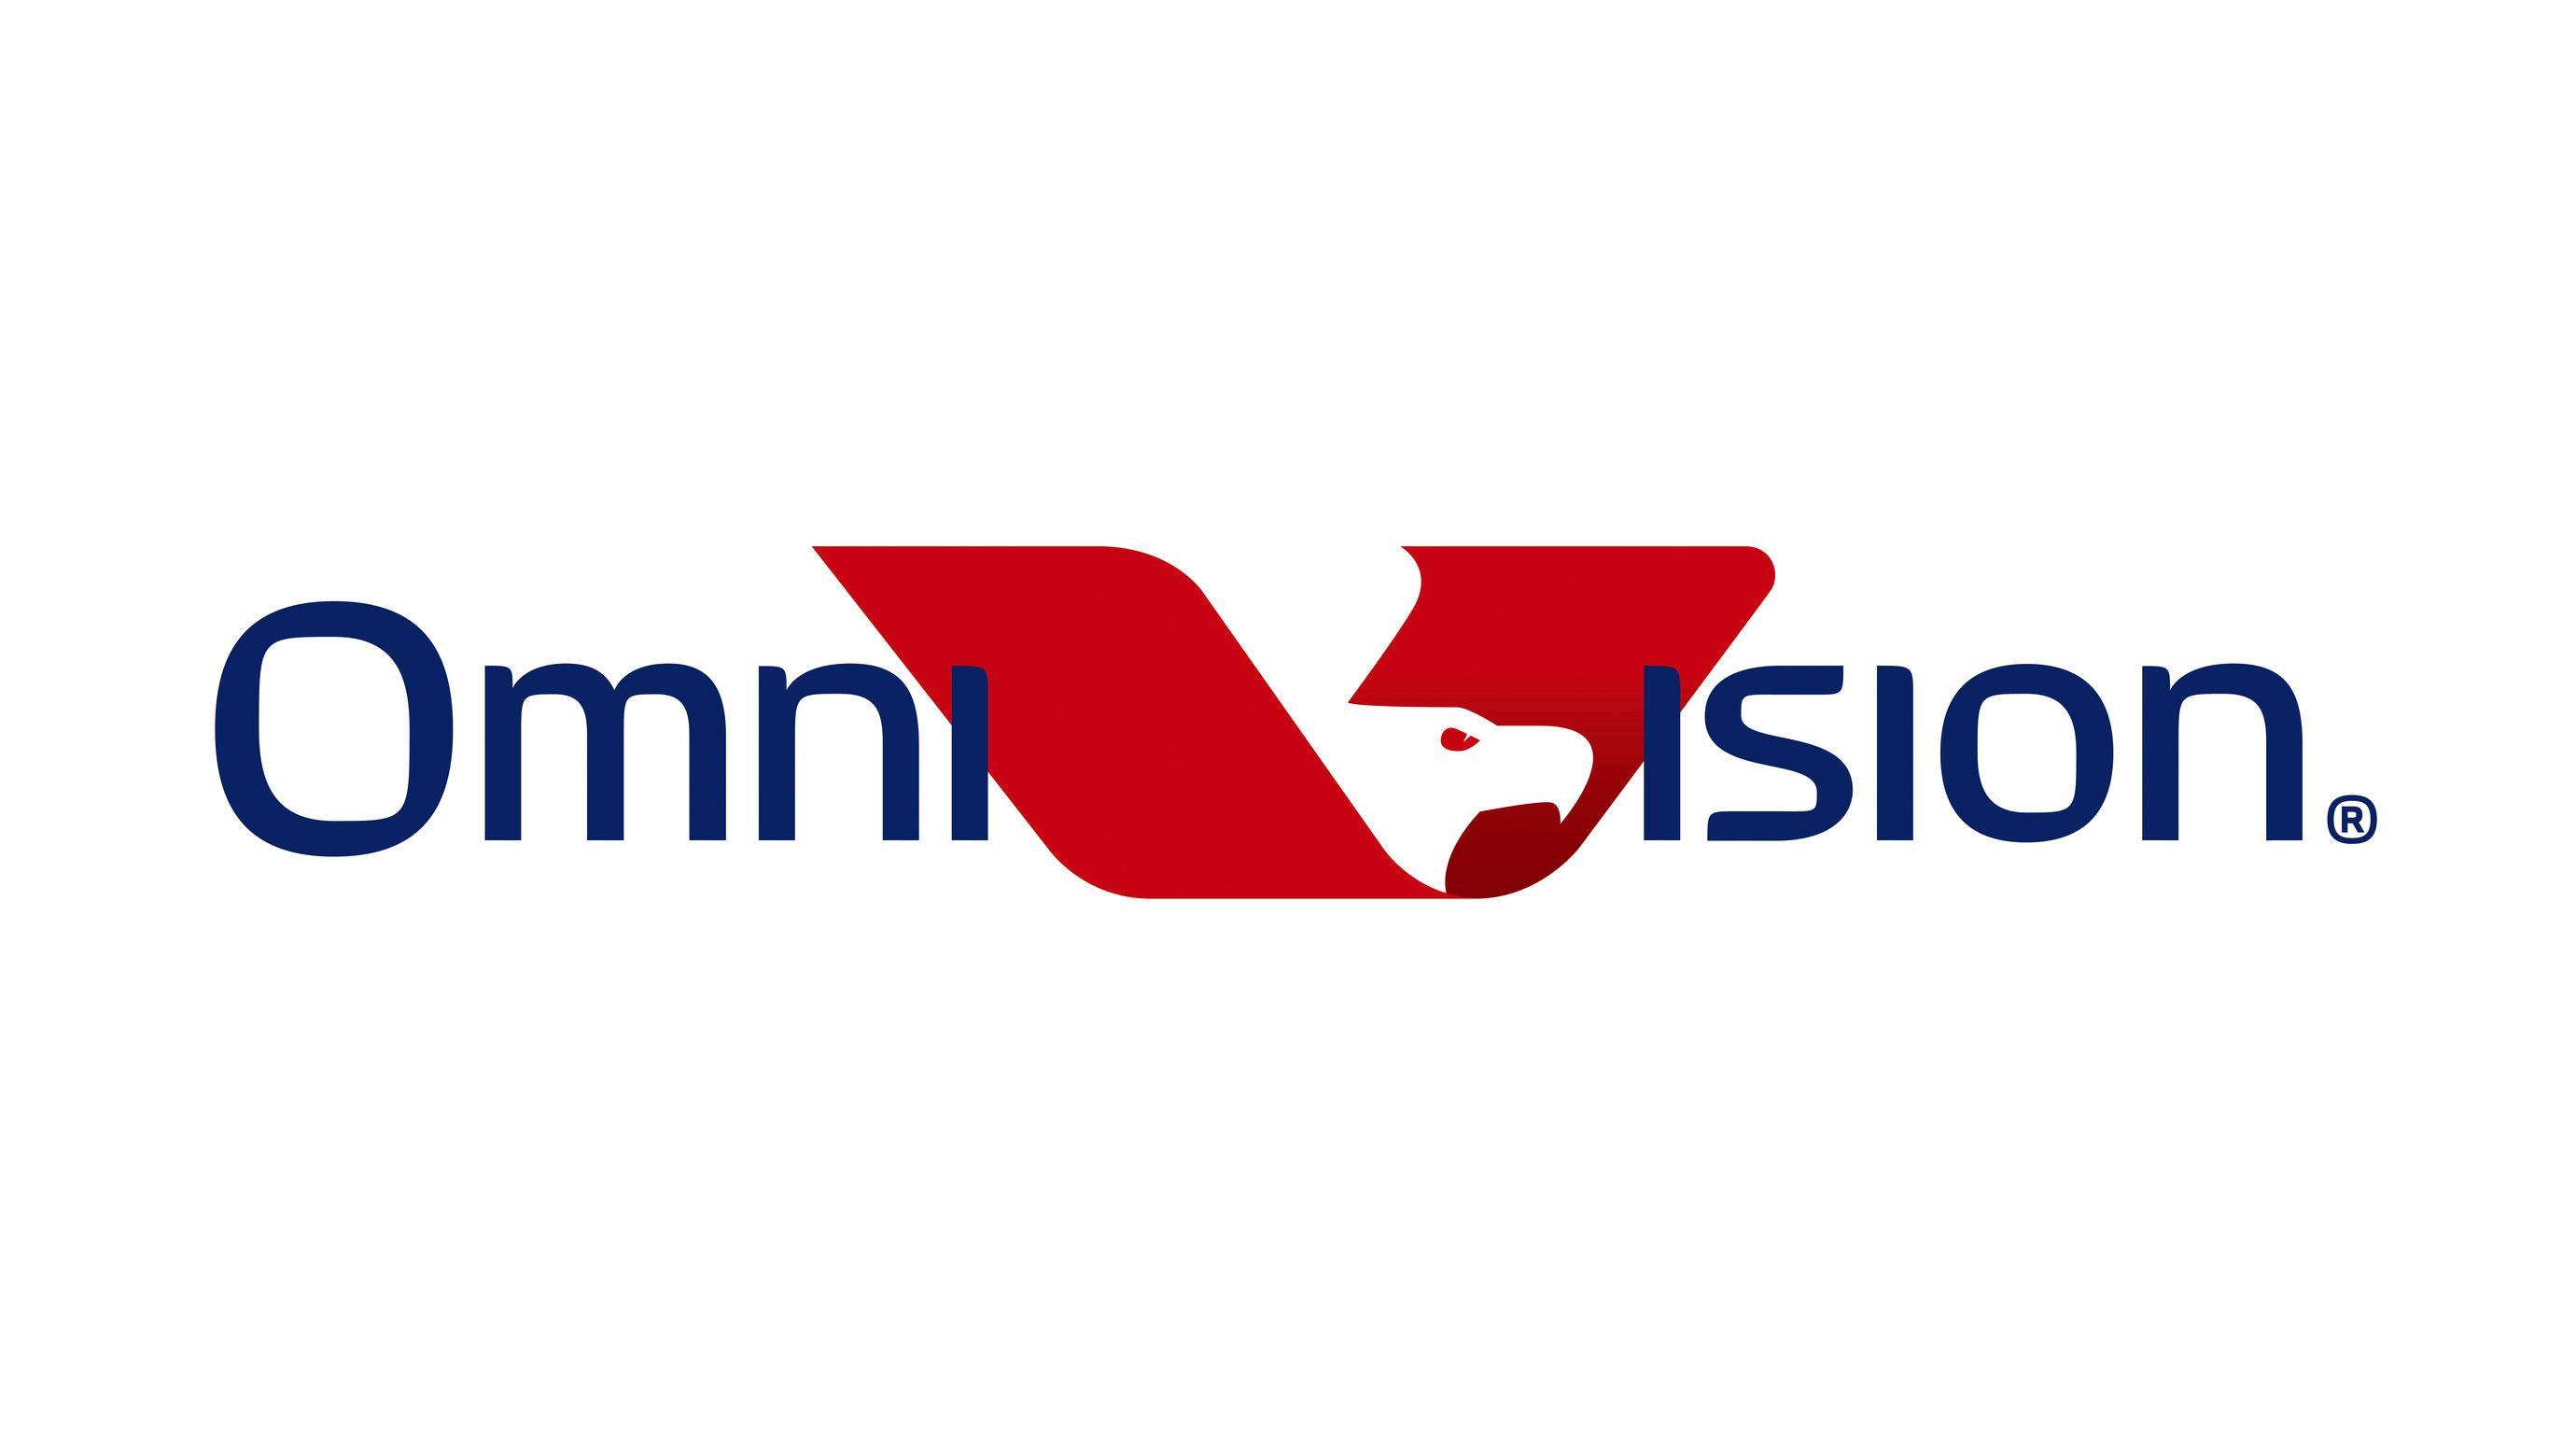 حسگر تصویر ۴۸ مگاپیکسلی Omnivision OV48B رسما معرفی شد